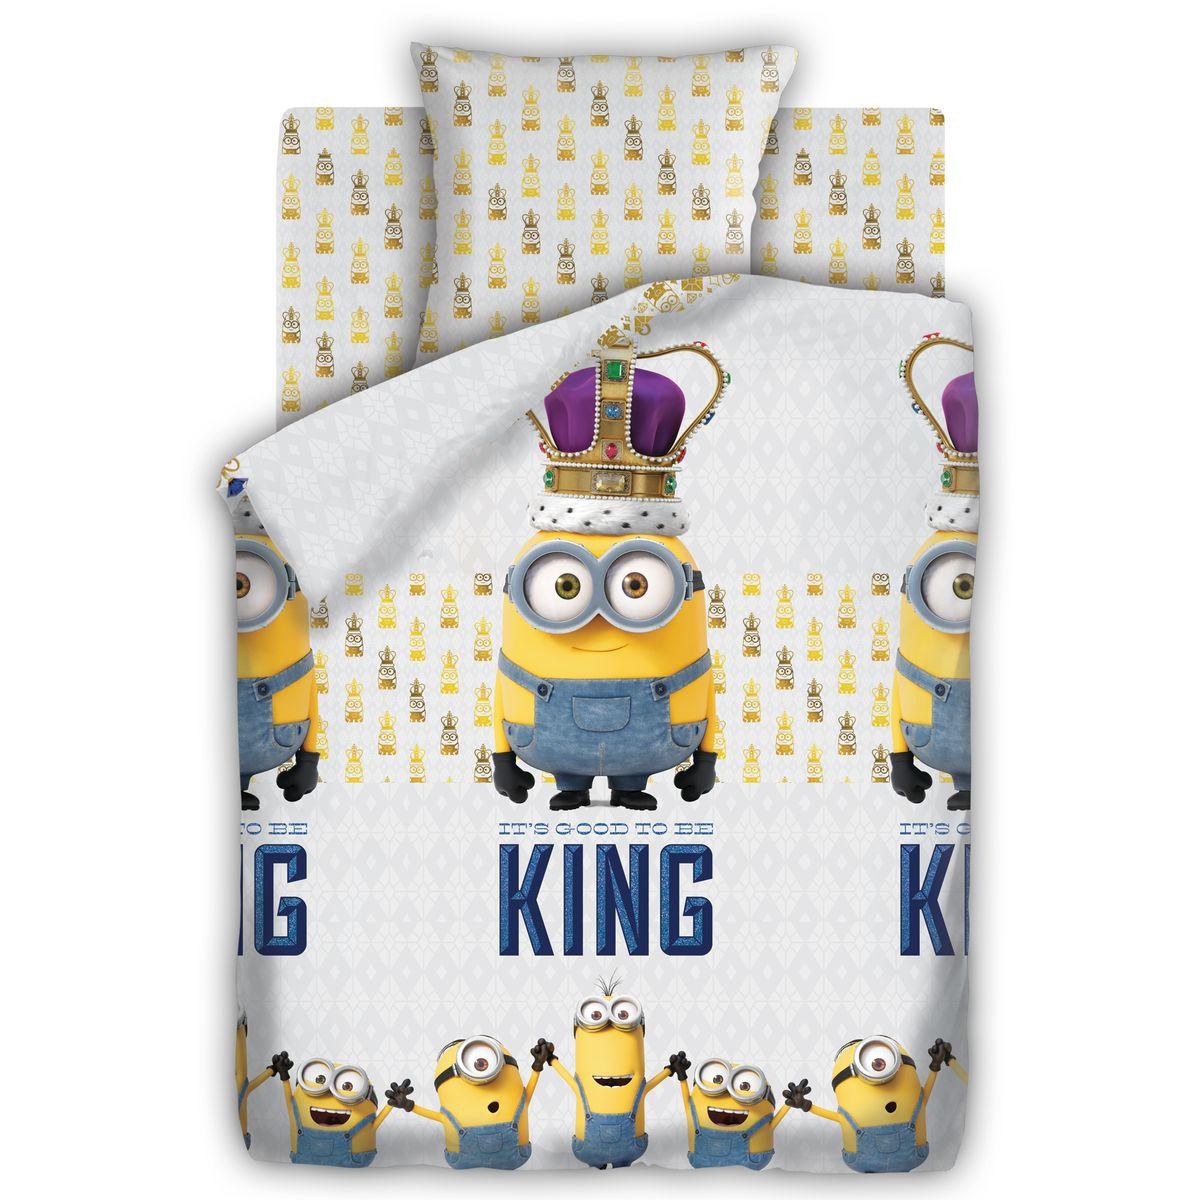 Миньоны Комплект постельного белья детский Кинг 1,5-спальный наволочка 70х70327030